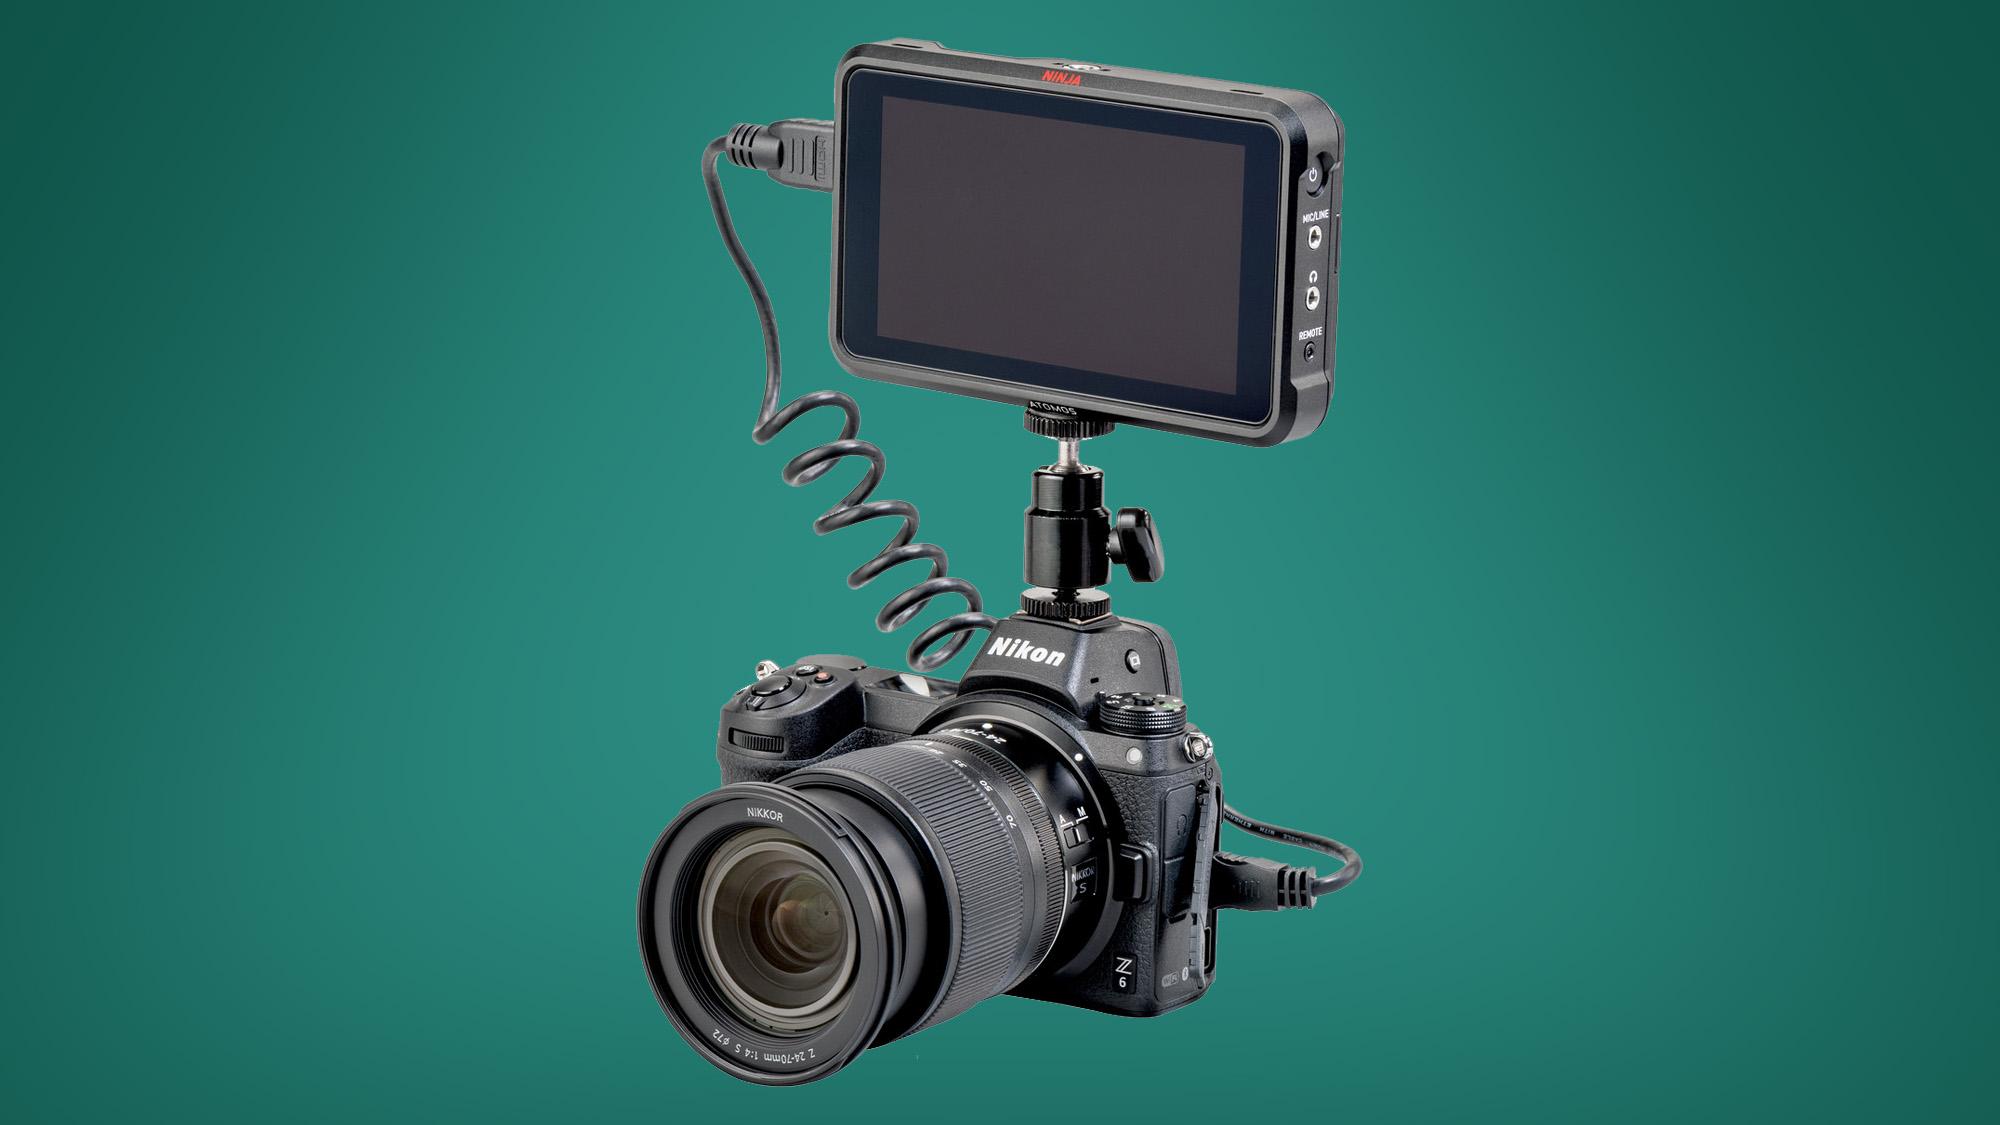 A Nikon Z6 with an Atomos Ninja V recorder